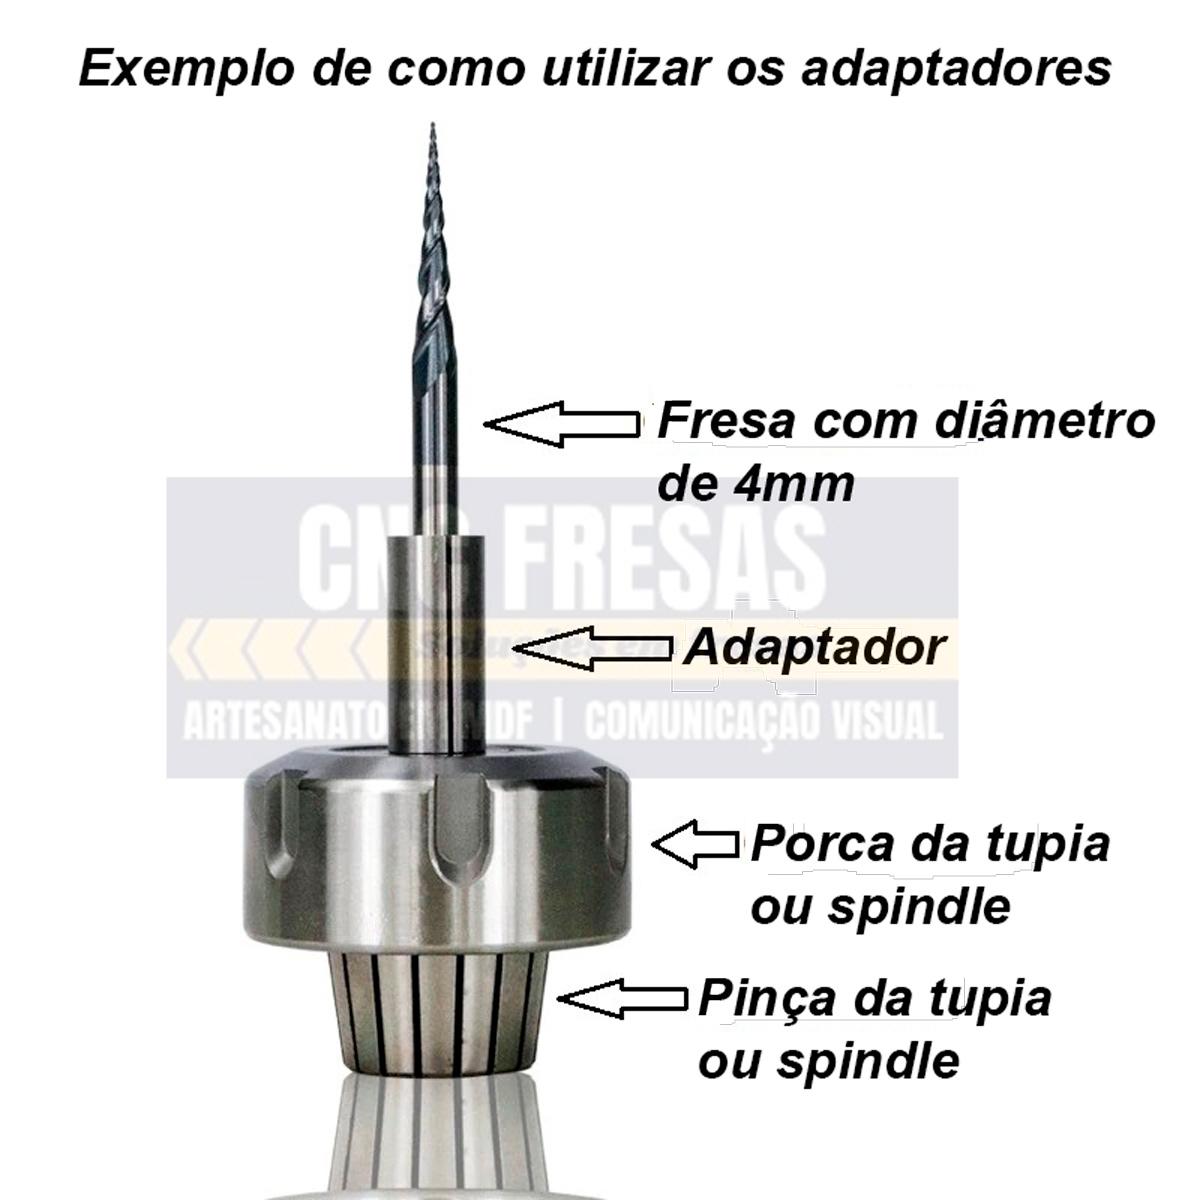 Adaptador Tupia Cnc Retífica Spindle, 6mm P/ 1/8 Router Cnc